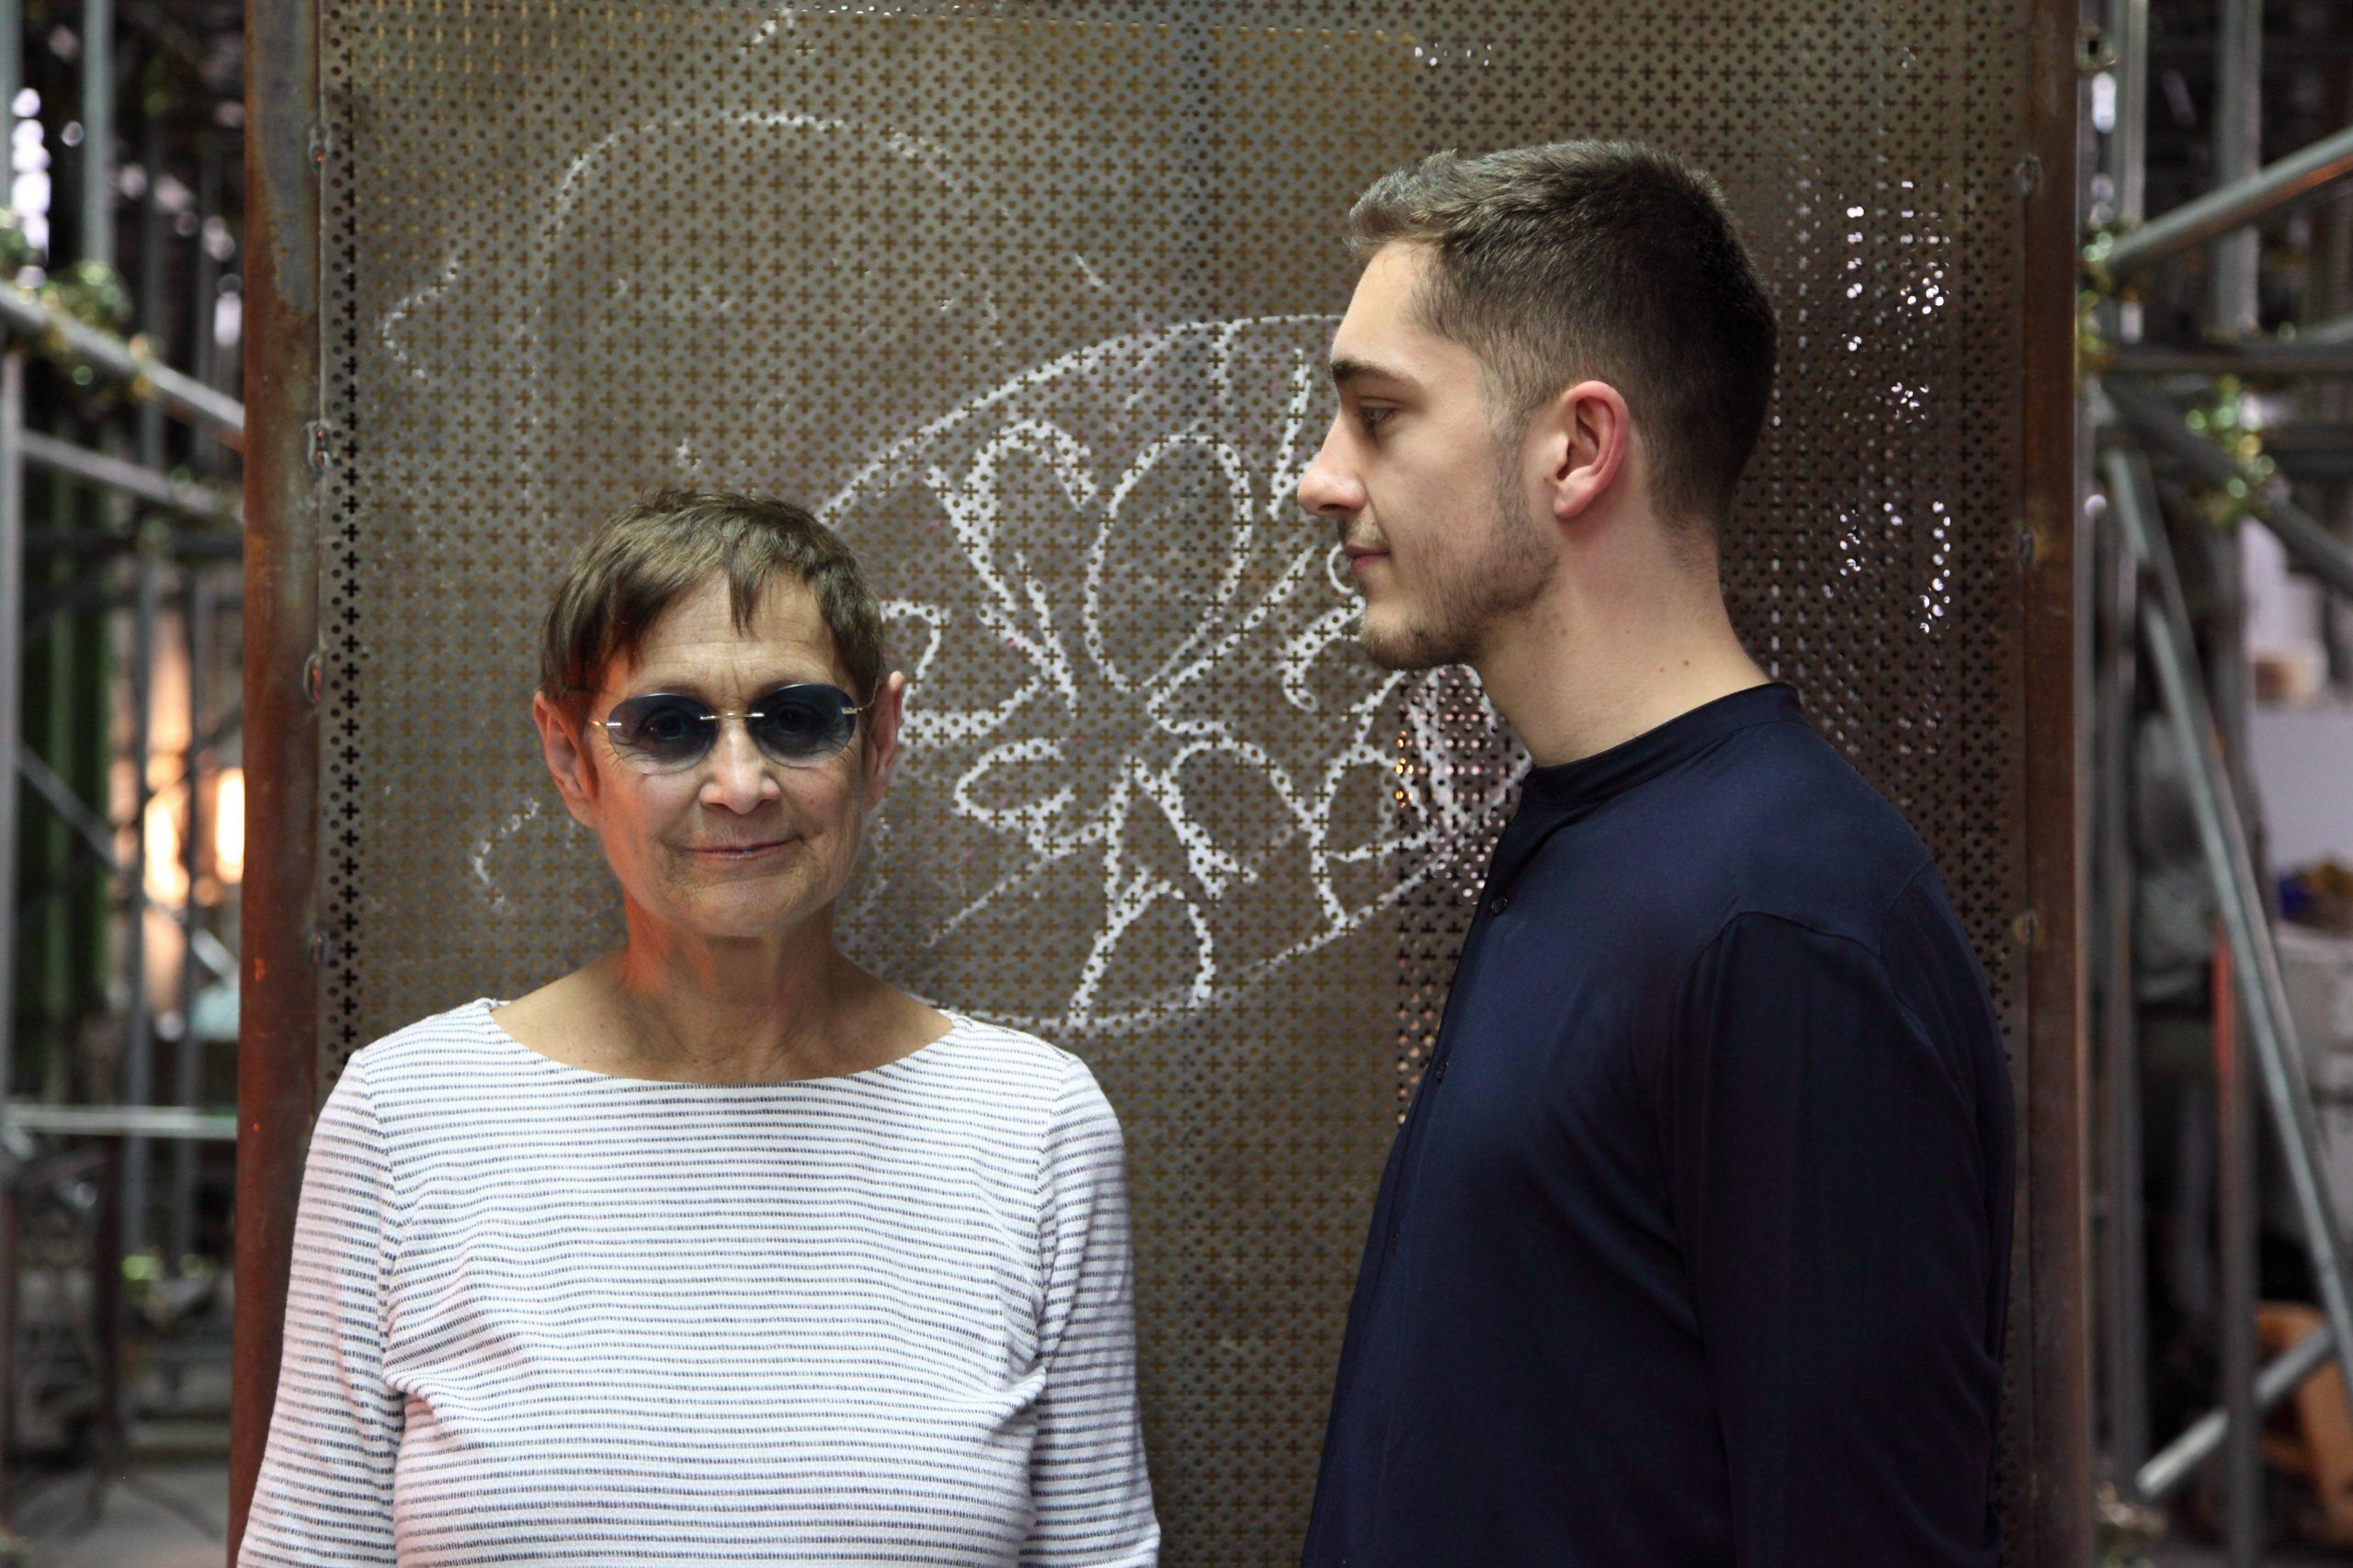 Brigitte Kowanz in Berengo Studio 2017